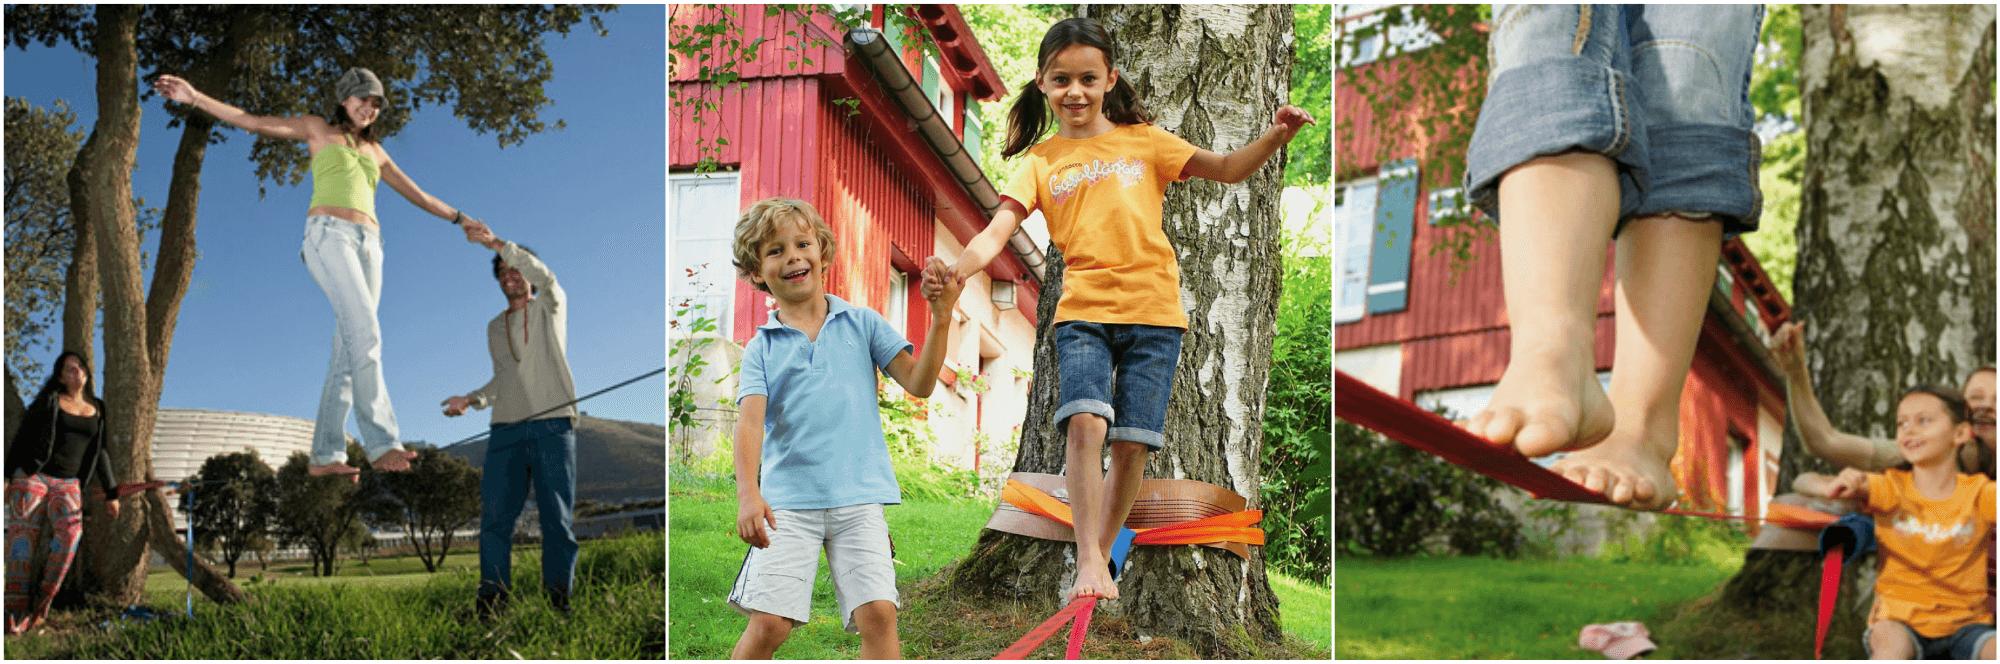 Balanceleg for børn og voksne: Slackline!